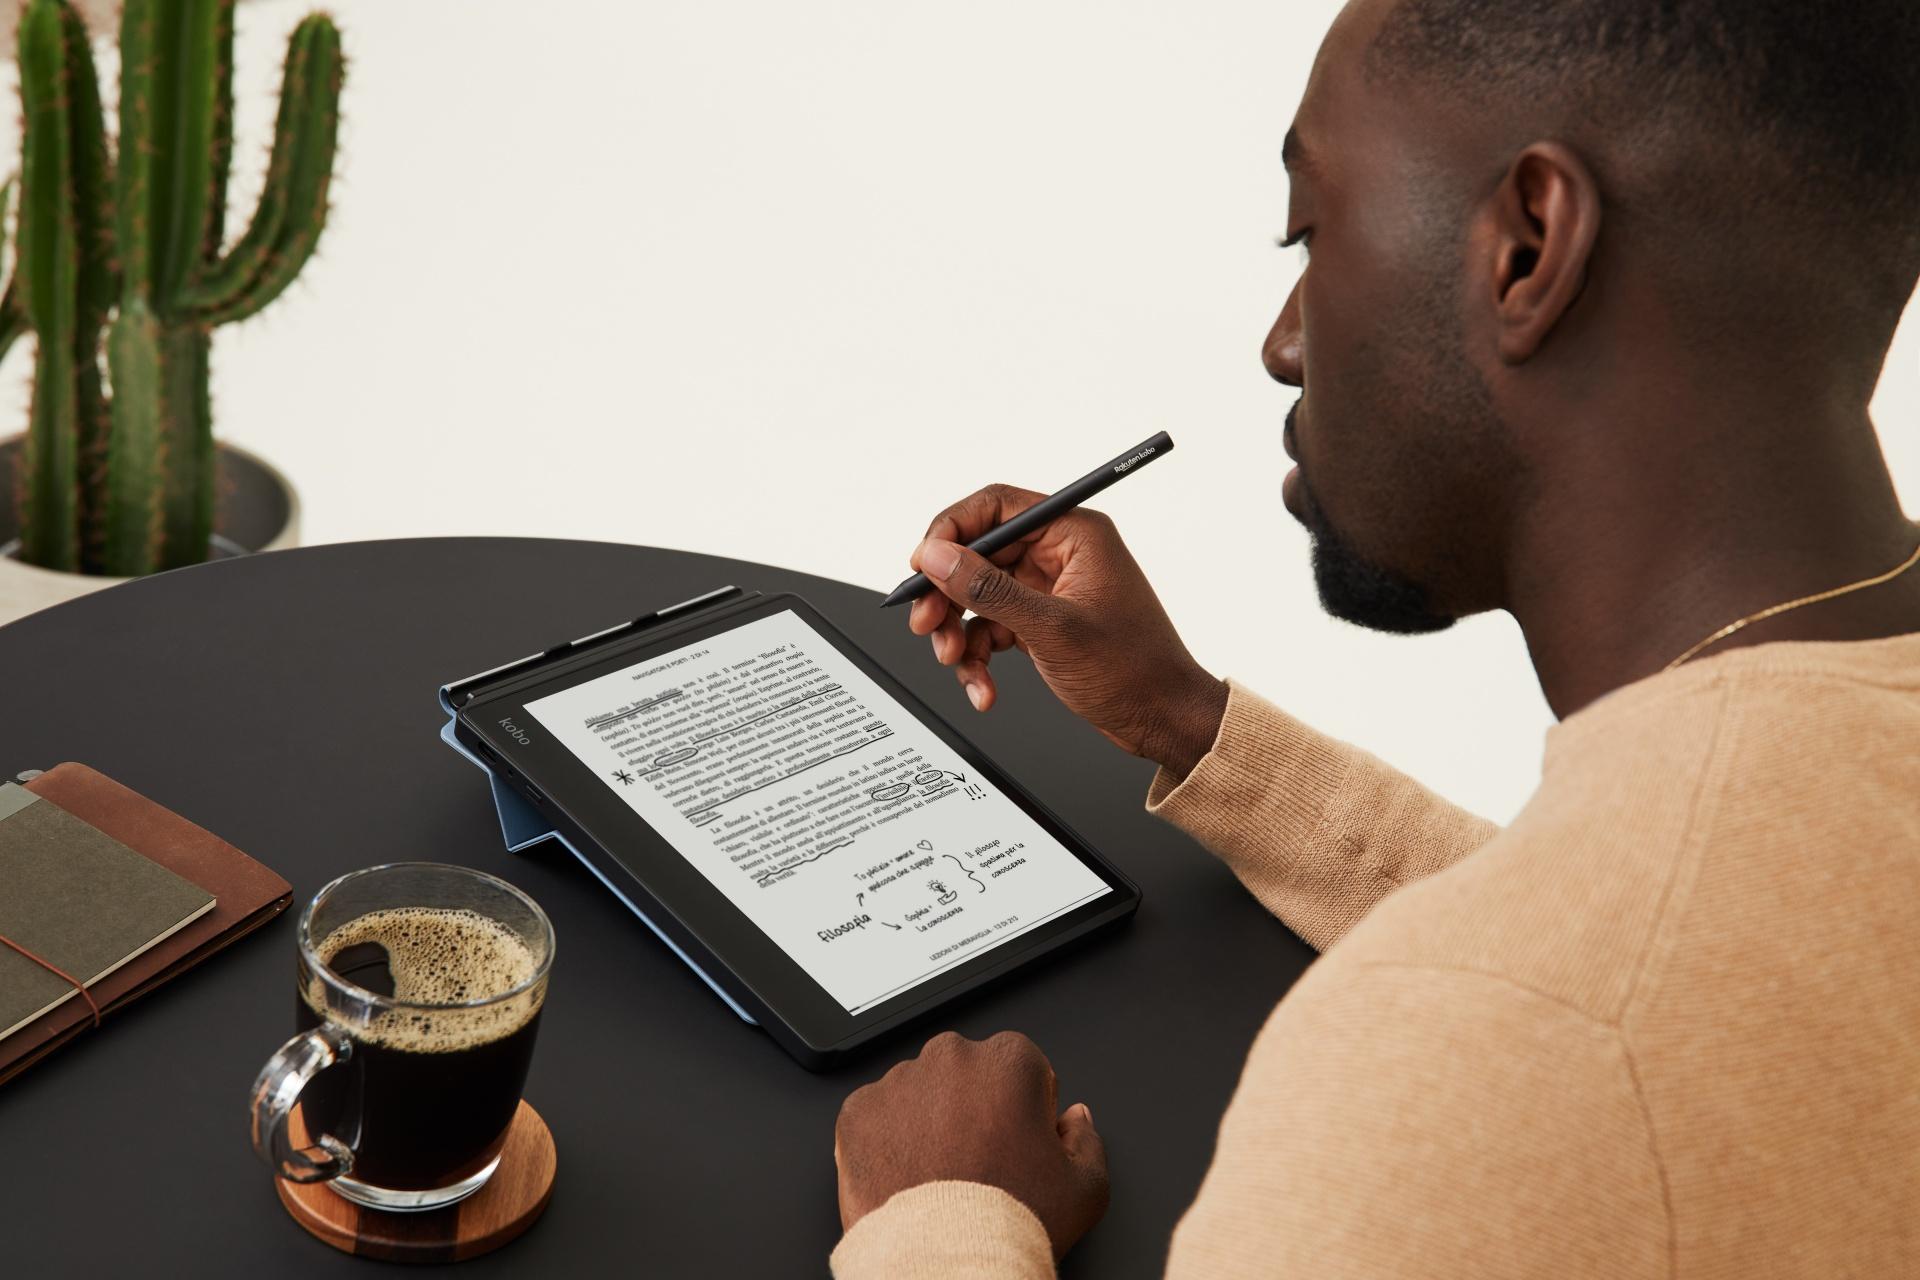 Rakuten Kobo presenta Kobo Elipsa: libro e quaderno per gli appunti in un unico dispositivo 5